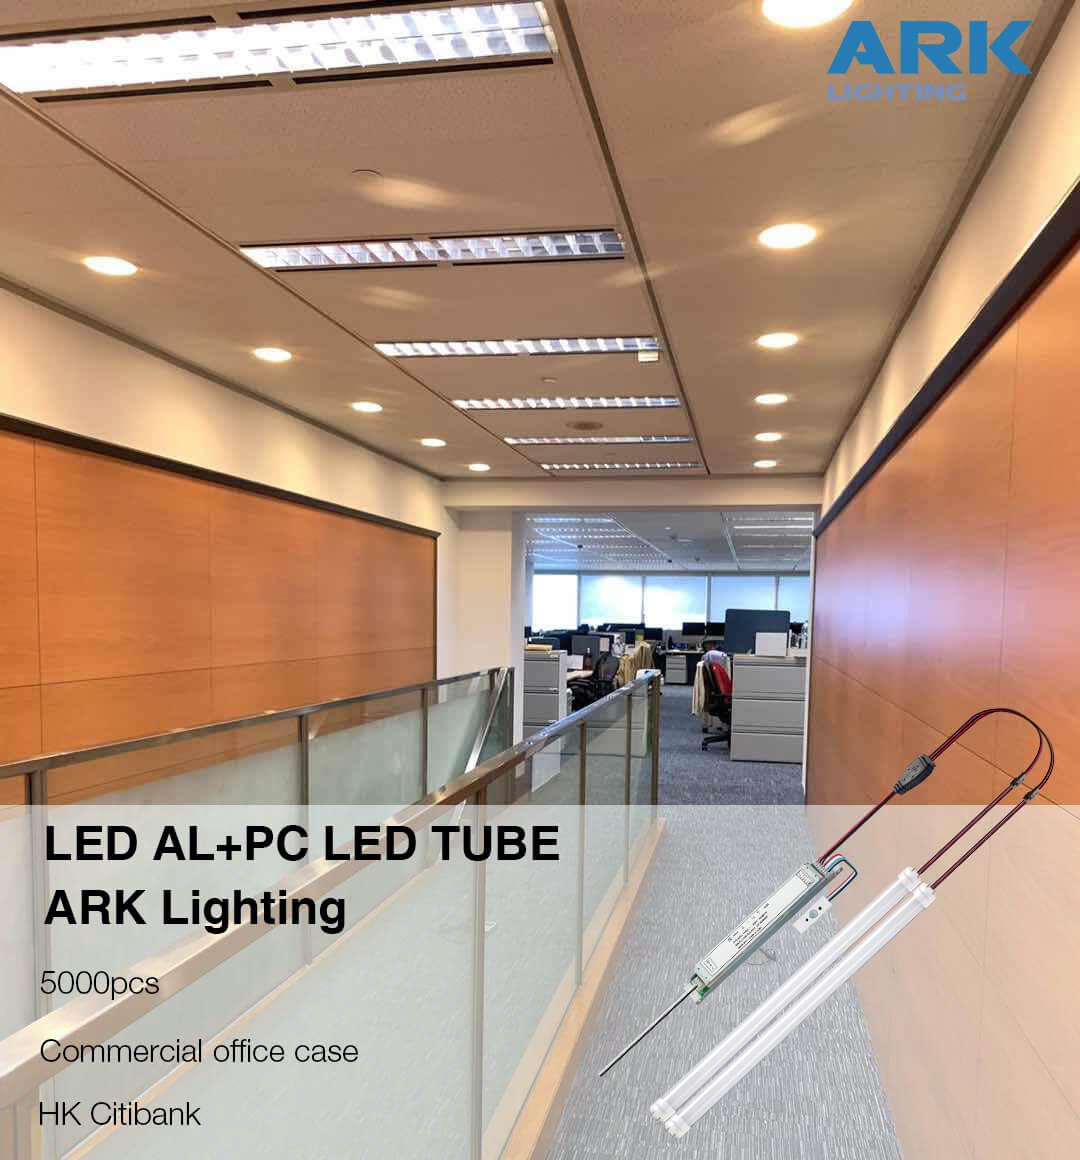 Citibank led tube case.jpg